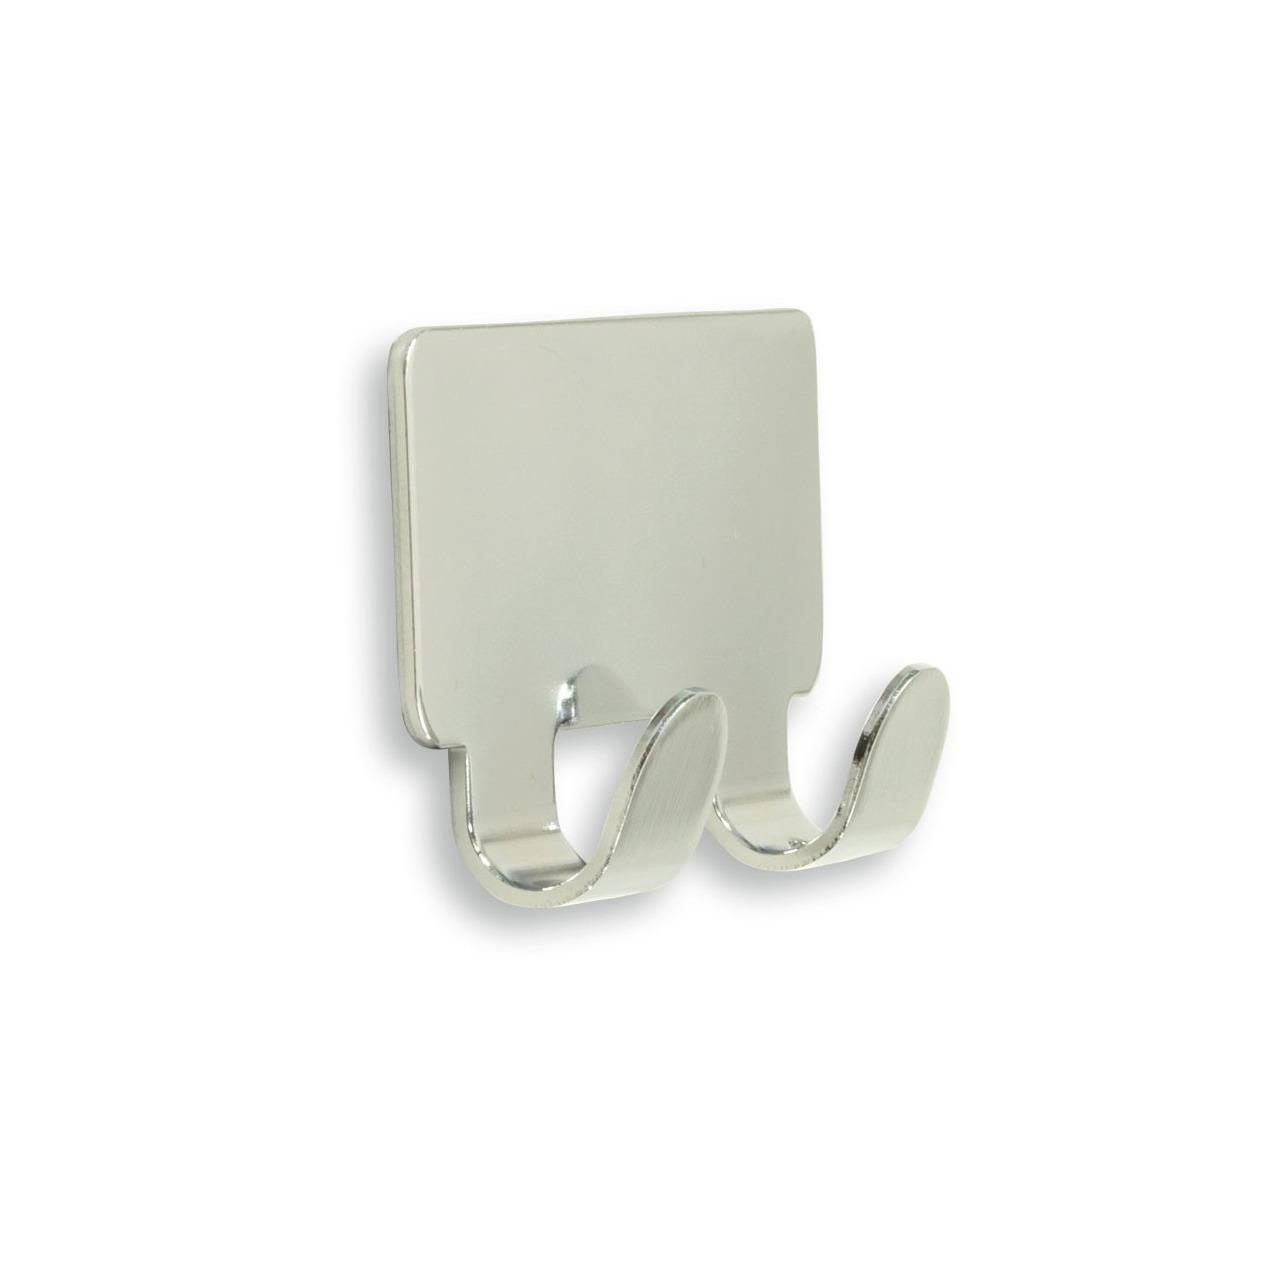 1x luxe plakhaken handdoekhaken vierkant chroom glanzend dubbele haak 4 2 x 7 2 cm